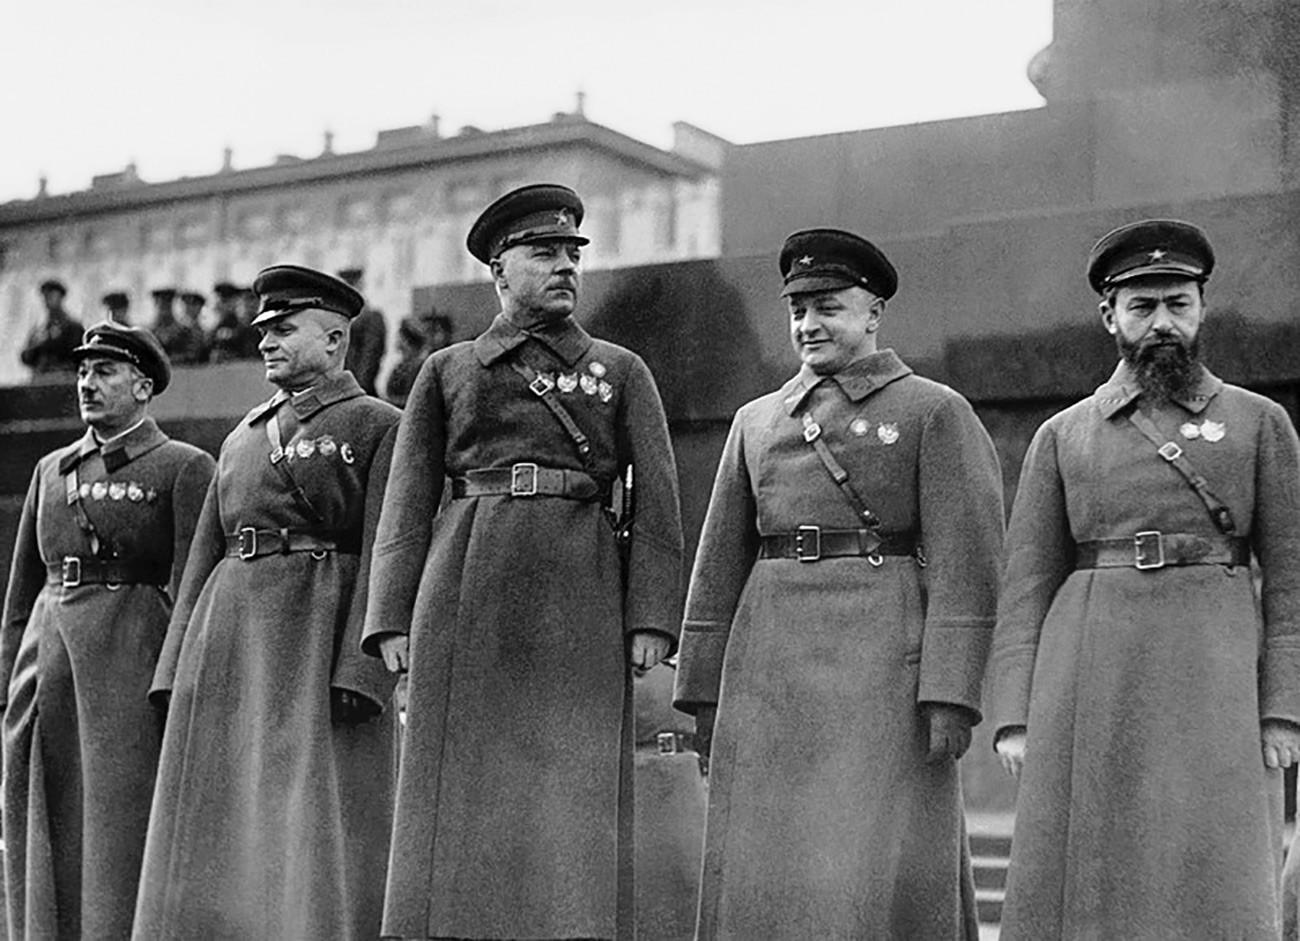 Guenrikh Iagoda, Alexandre Egorov, Kiliment Vorochilov, Mikhaïl Toukatchevski et Yan Gamarnik sur la place Rouge